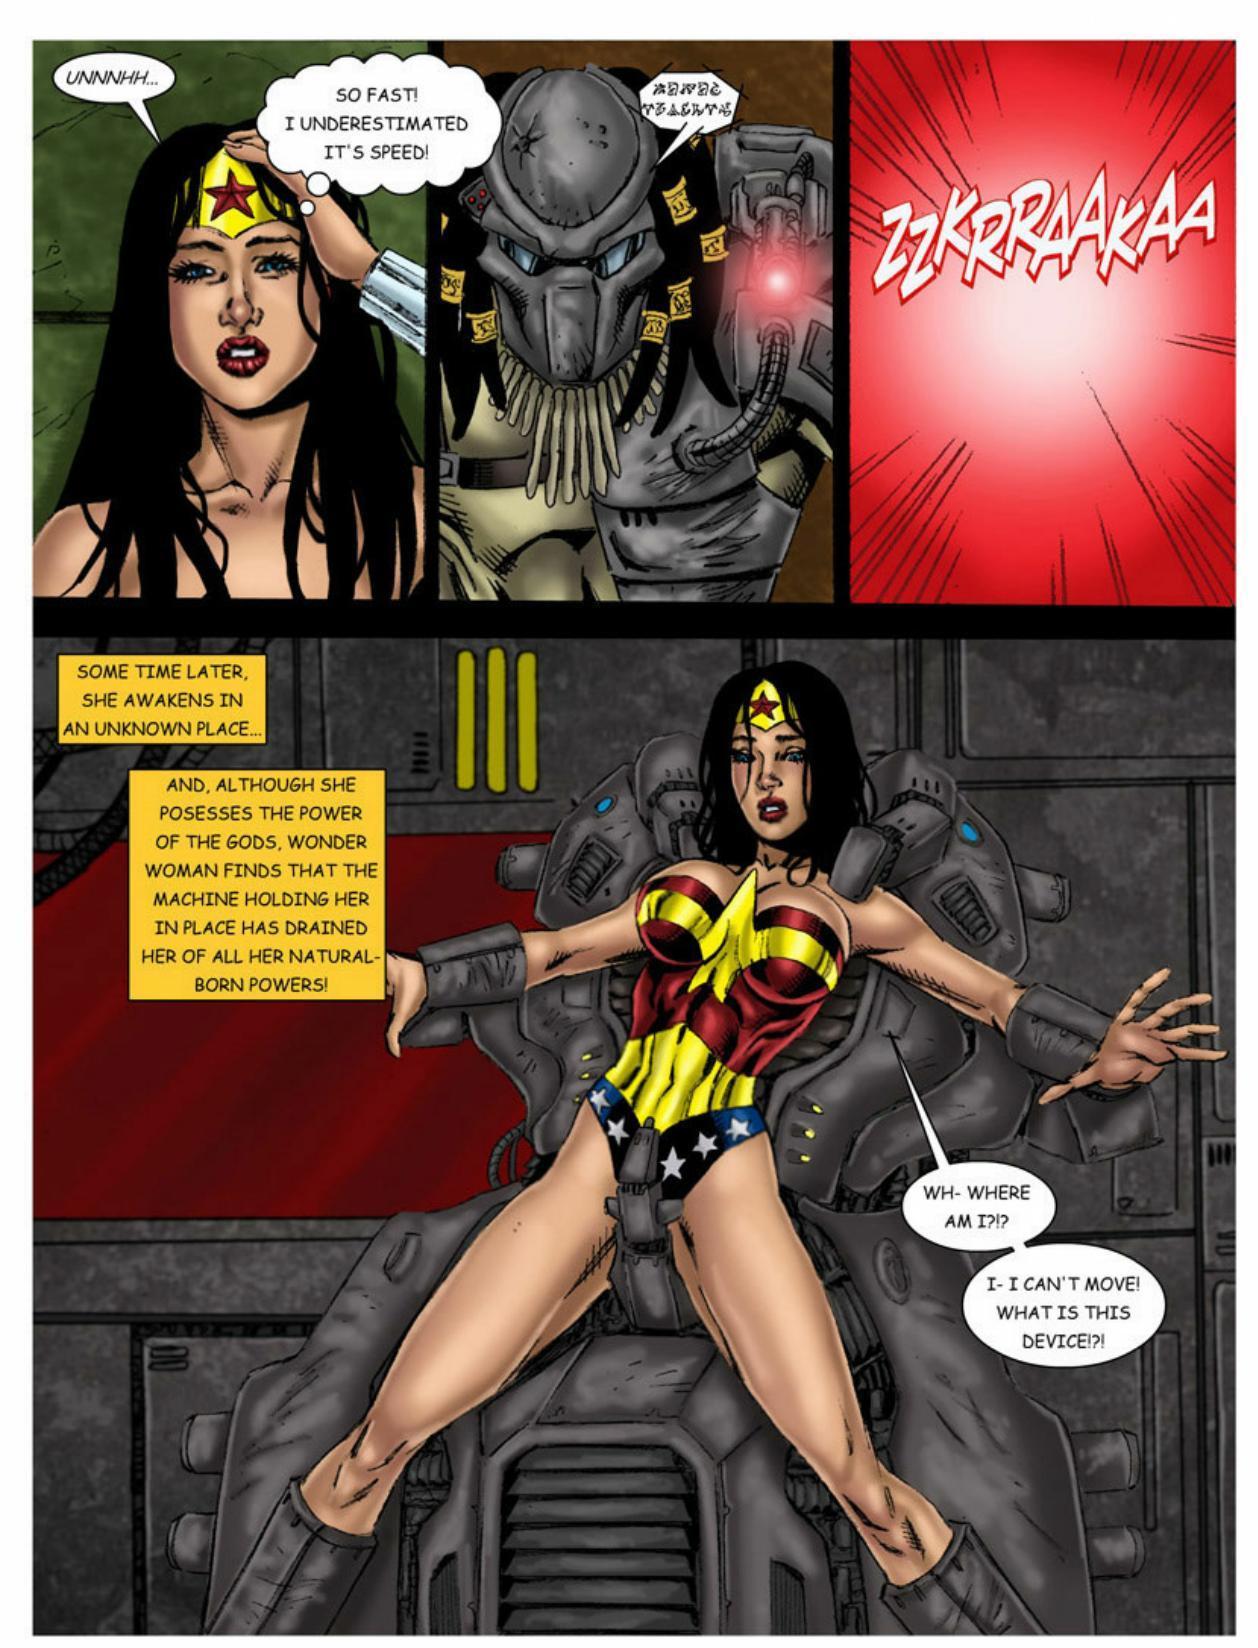 Wonder woman interracial sex comics